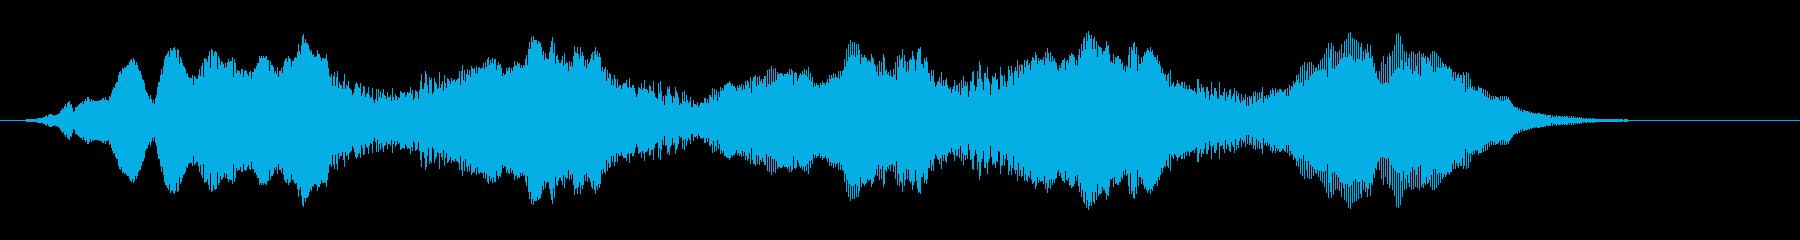 管楽器のジングル やや暗め シリアスの再生済みの波形